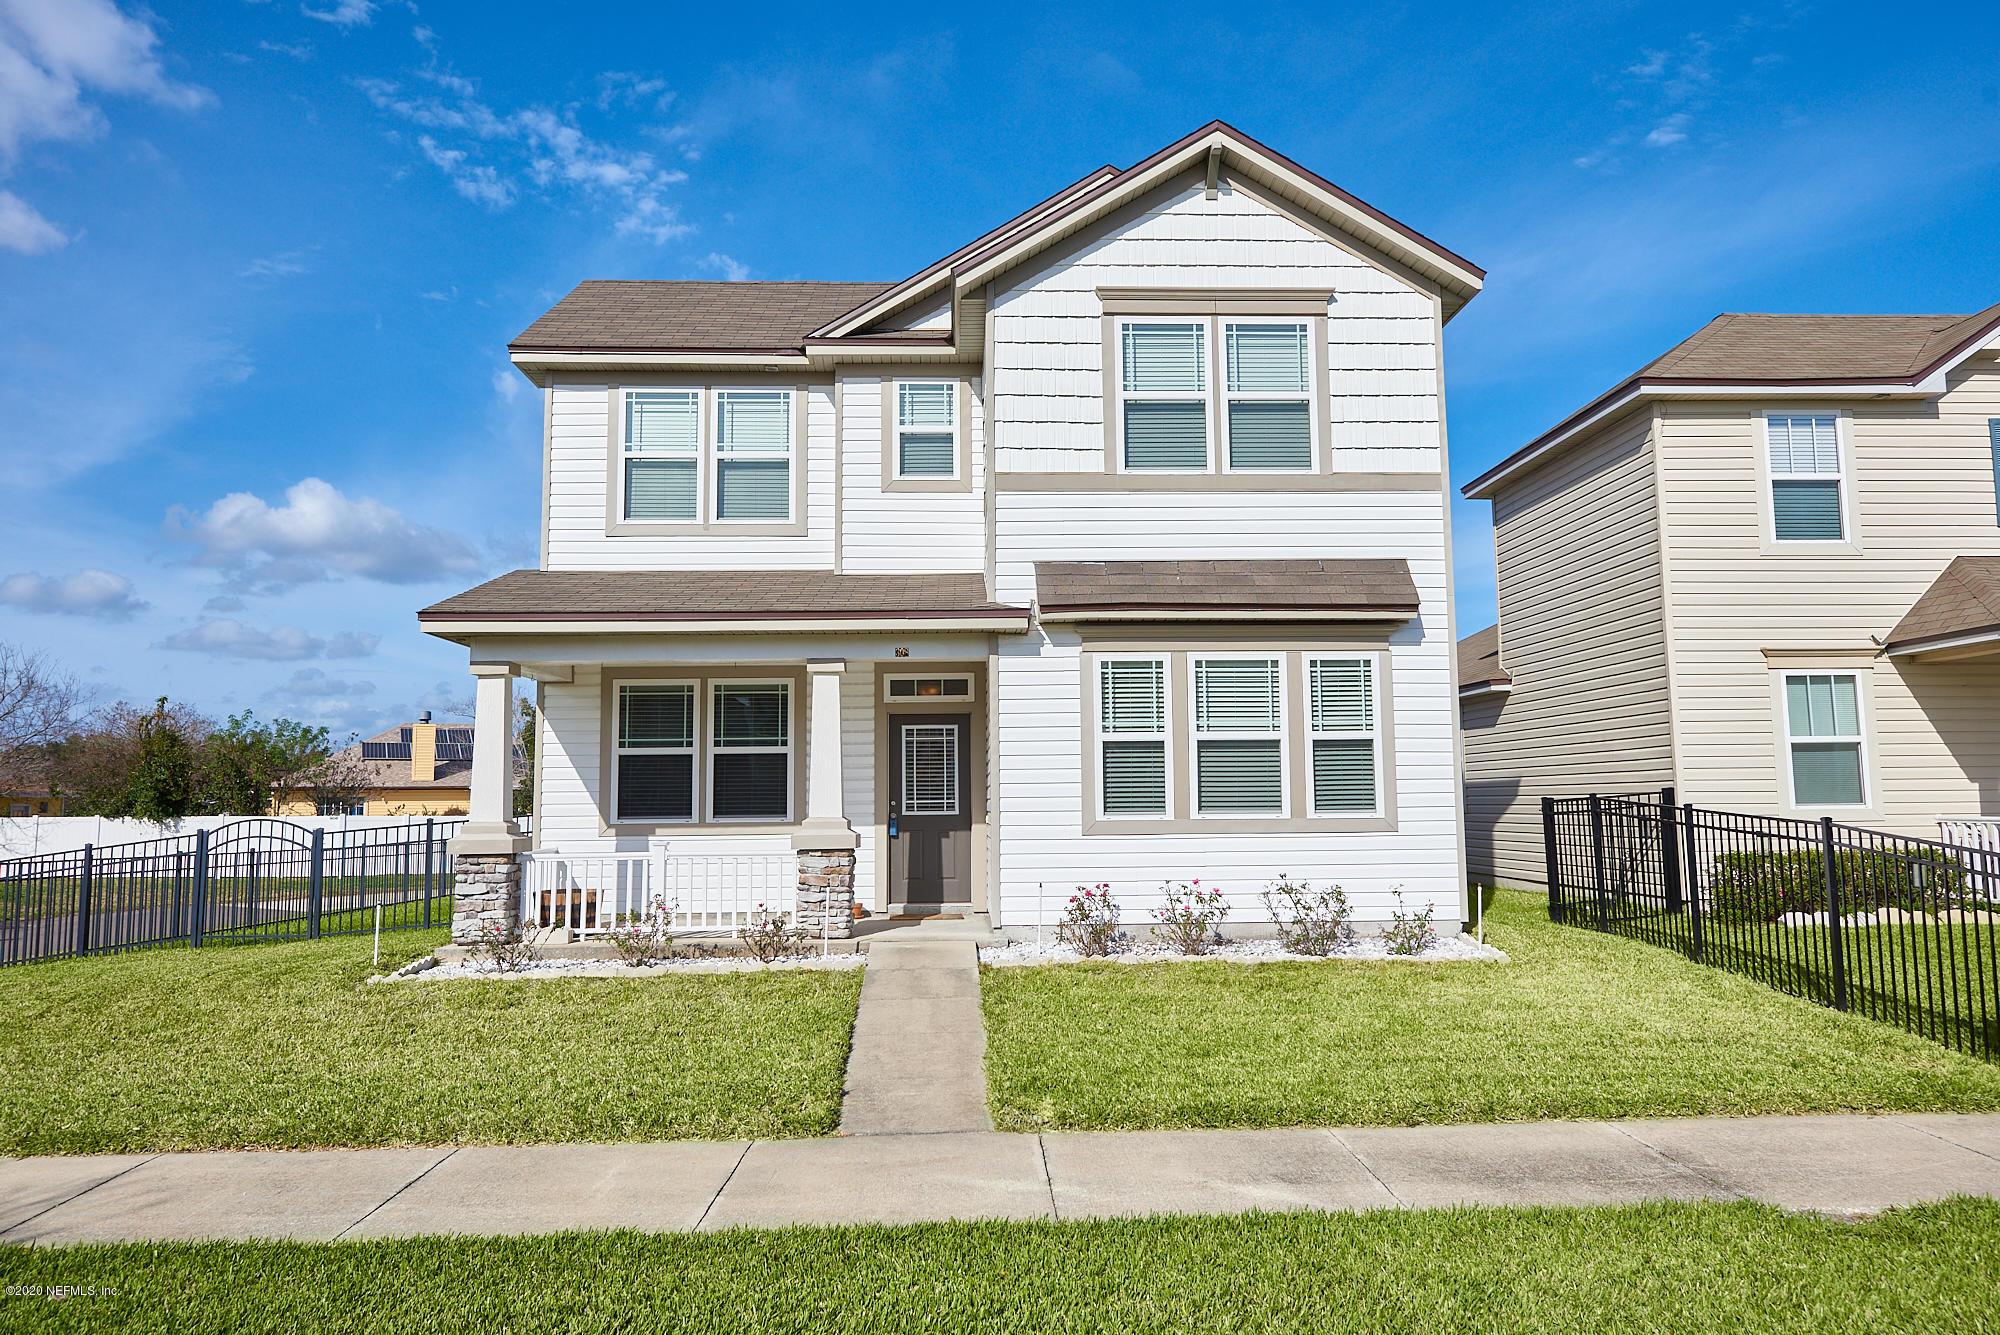 308 VINEYARD, ORANGE PARK, FLORIDA 32073, 4 Bedrooms Bedrooms, ,3 BathroomsBathrooms,Residential,For sale,VINEYARD,1033500